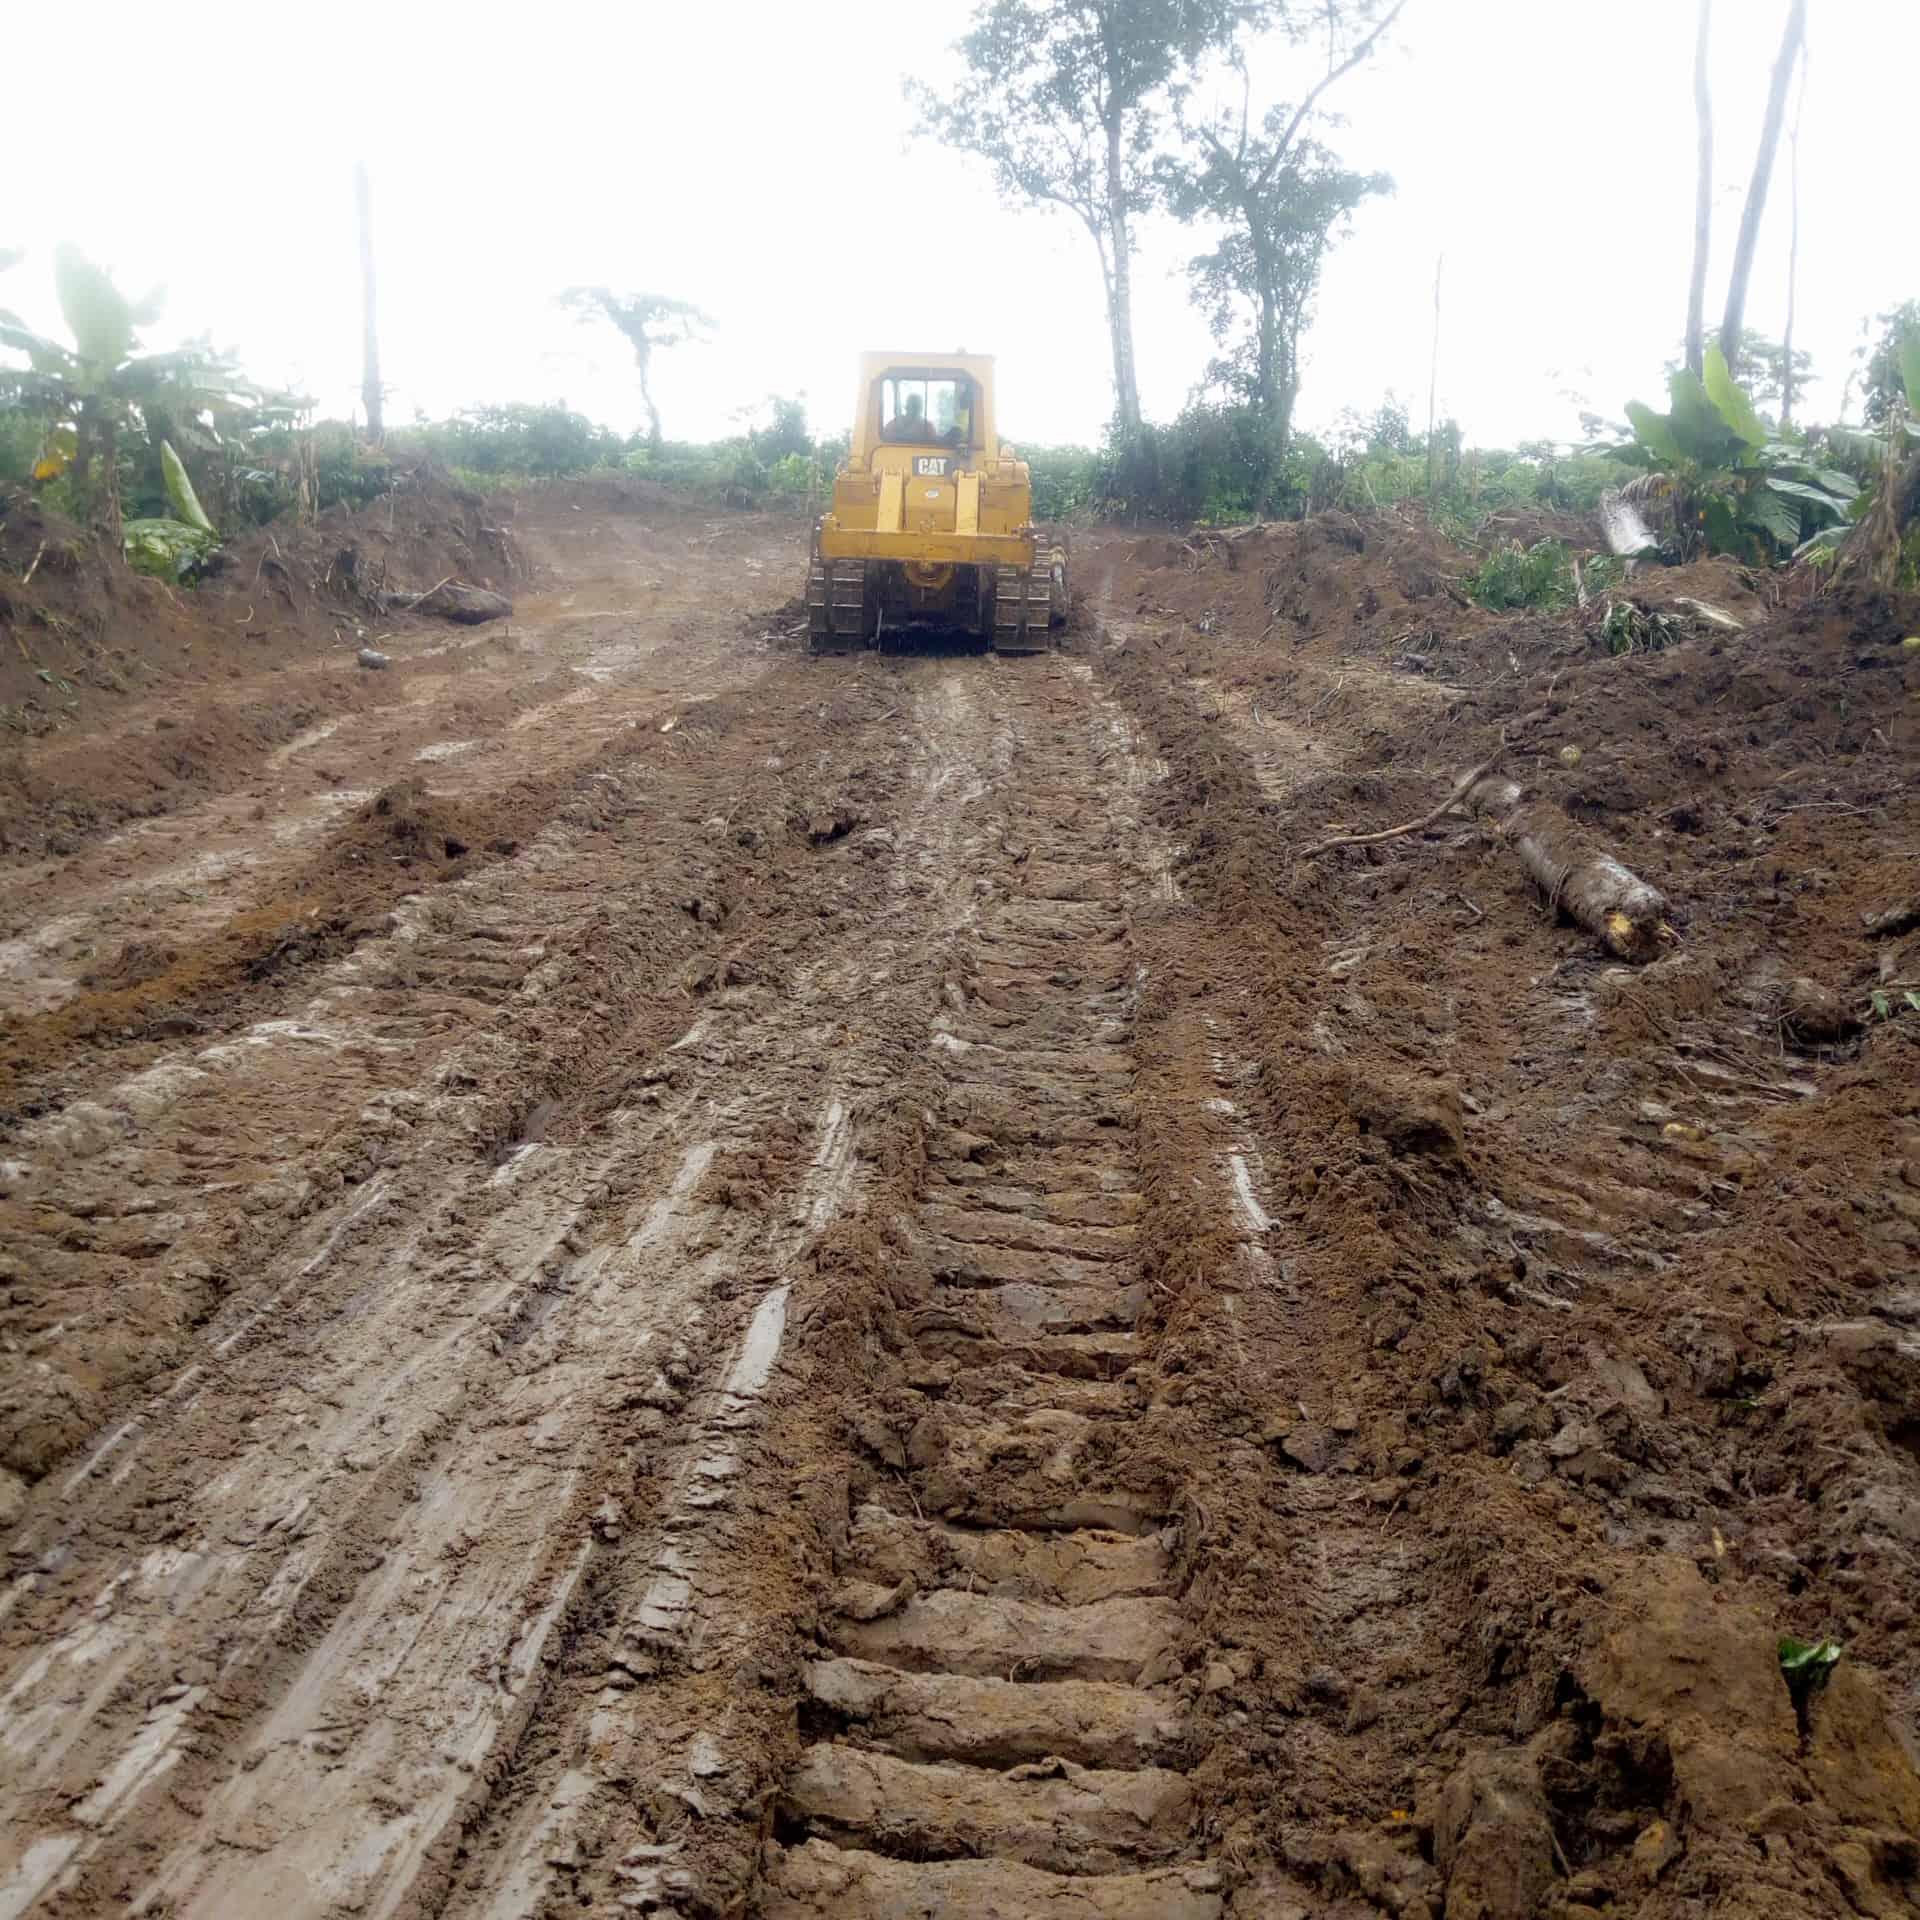 Land for sale at Douala, PK 27, Pk27 - 15000 m2 - 6 000 000 FCFA